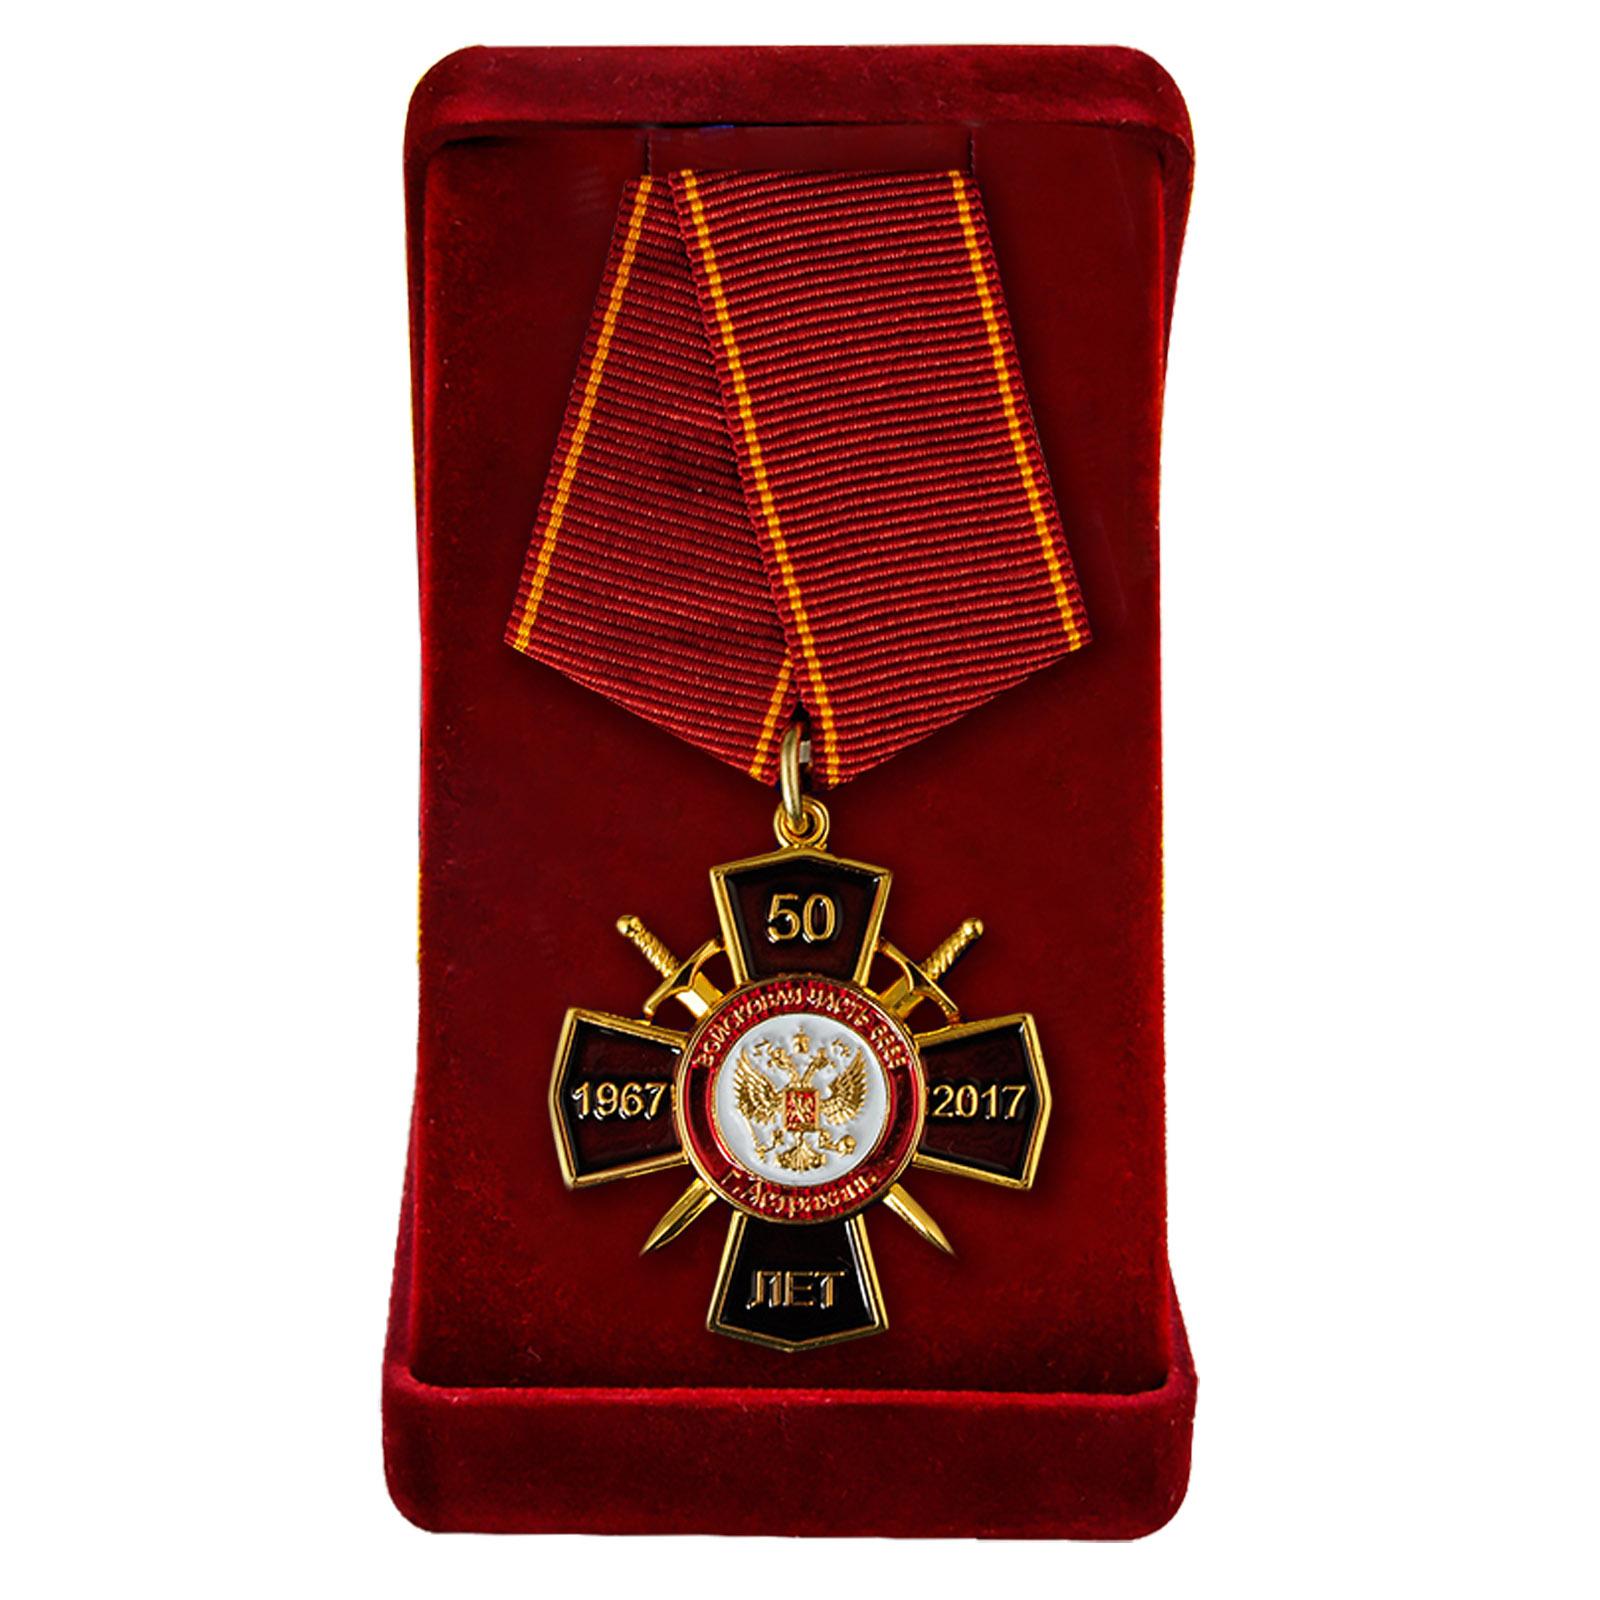 Купить памятный крест 50 лет Войсковой части 6688 в подарок